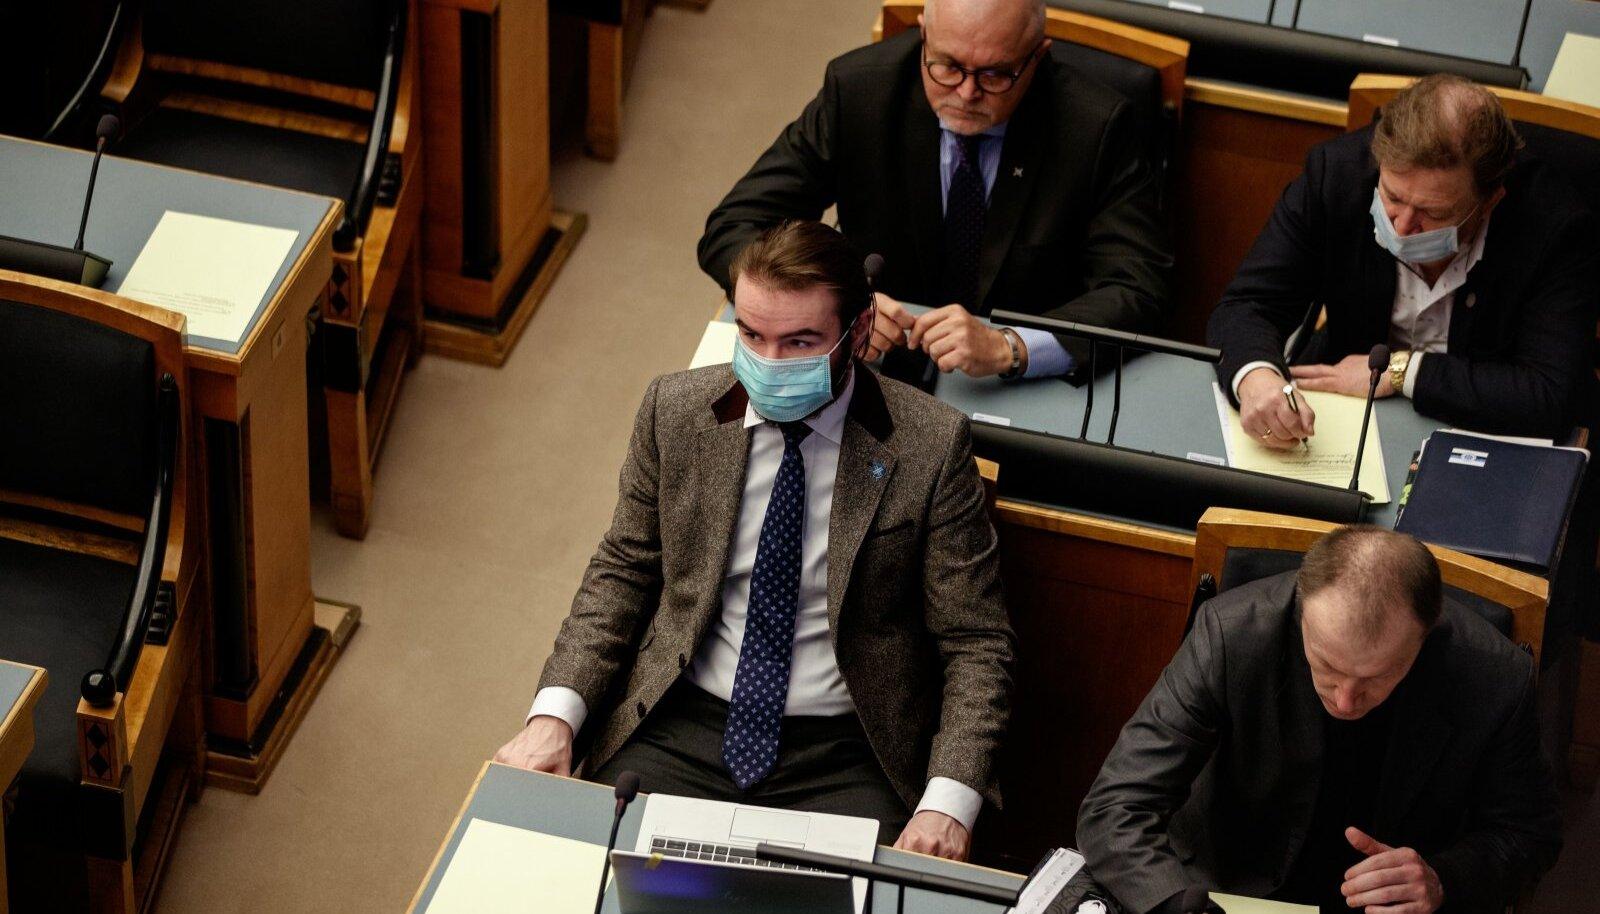 EKRE fraktsioon hääletas Reformierakonna ettepaneku poolt, mis võtaks valitsuselt võimu ja annaks terviseametile juurde rohkelt volitusi. Ruuben Kaalep (maskiga esiplaanil) teatas kodupartei meediaväljaandele, et valitsuse tasandil otsuste langetamine tähendab kaost.